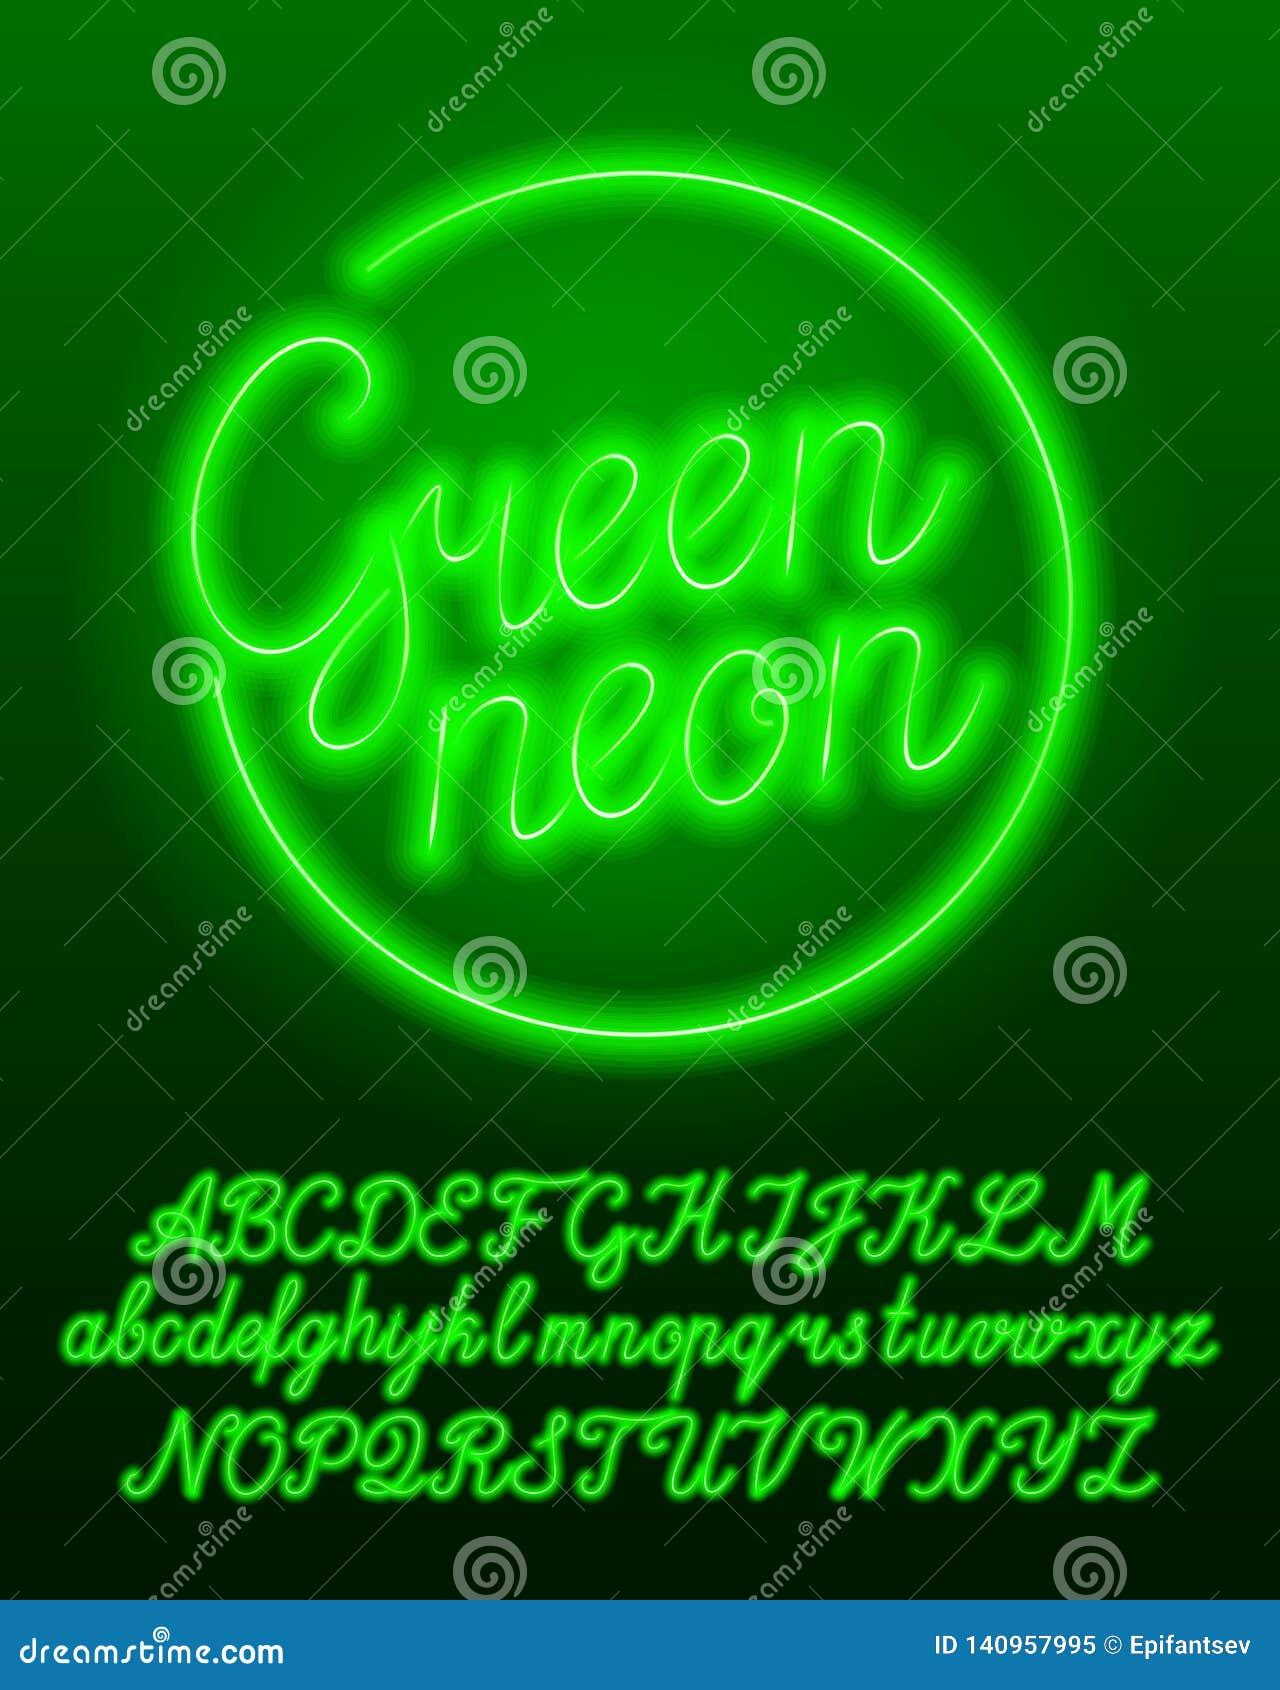 Mecanografiado de neón verde Letras mayúsculas y minúsculas de la bombilla del color verde y números